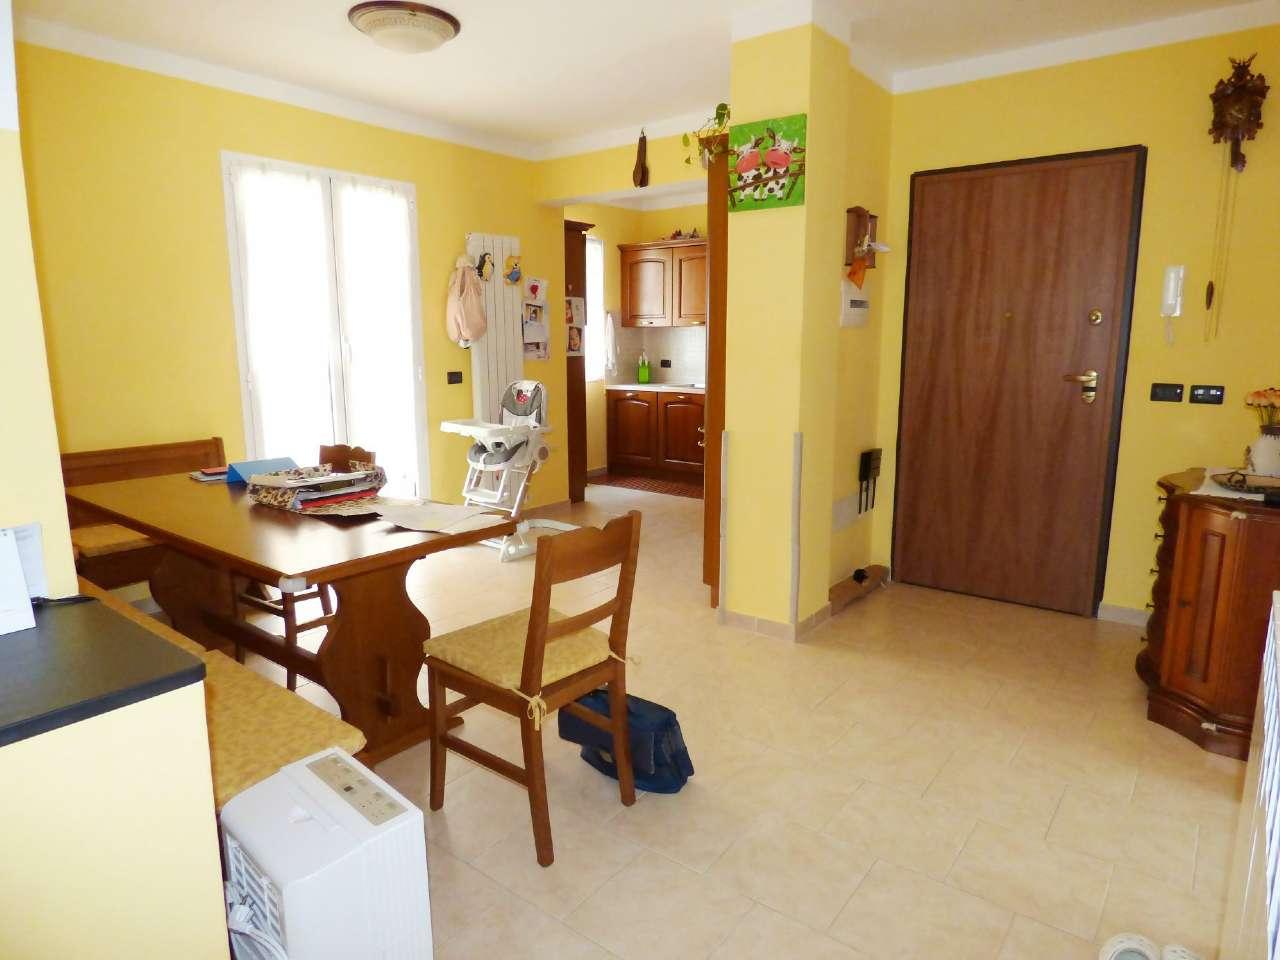 Appartamento in vendita a Mezzanego, 5 locali, prezzo € 165.000 | CambioCasa.it